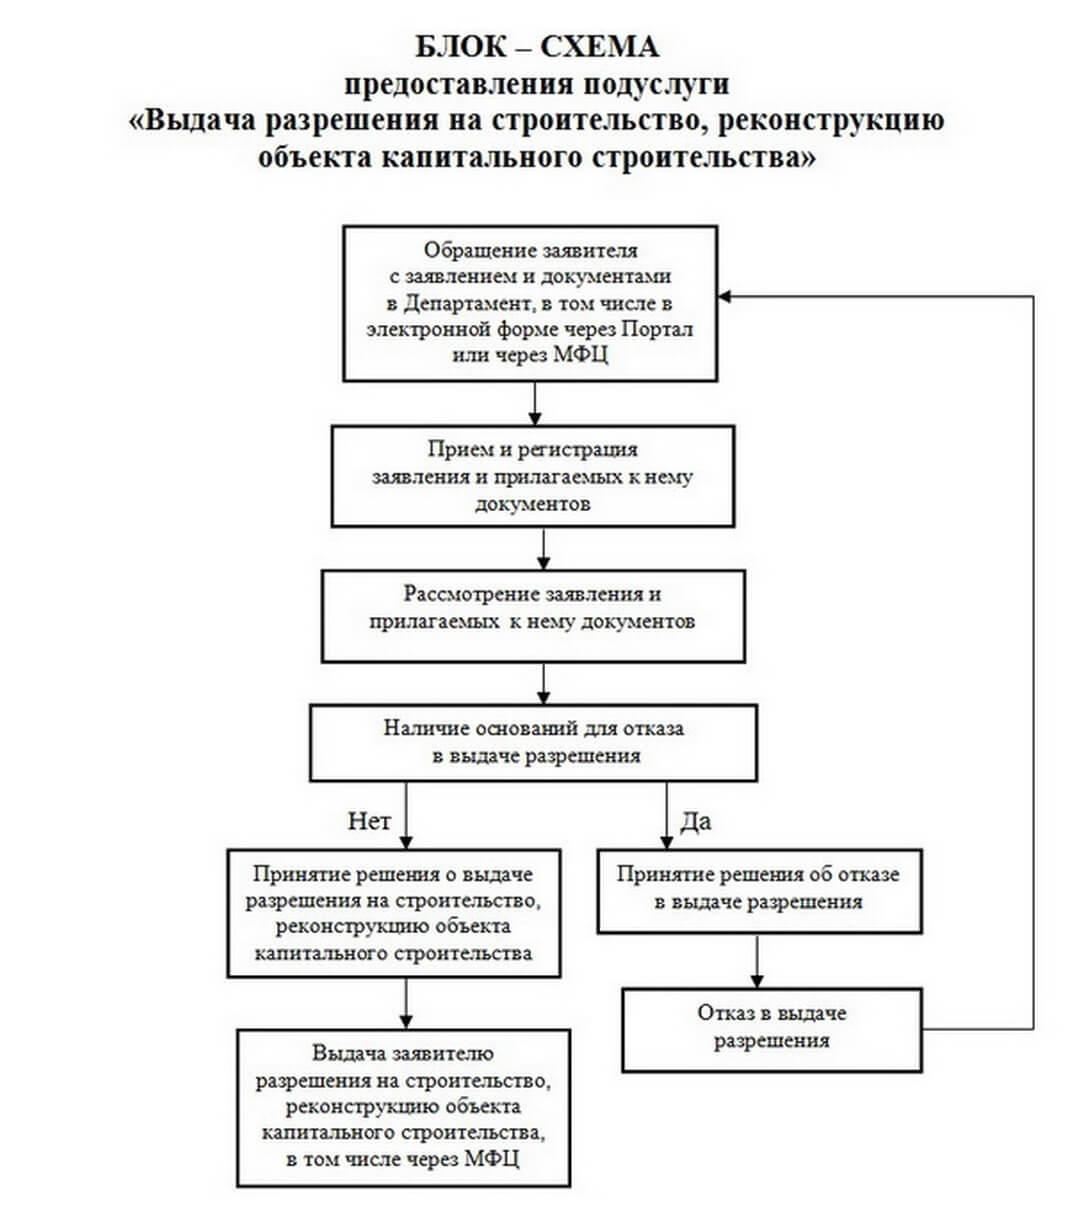 Как получить разрешение на строительство дома в новой москве? как получить разрешение на строительство дома в новой москве?